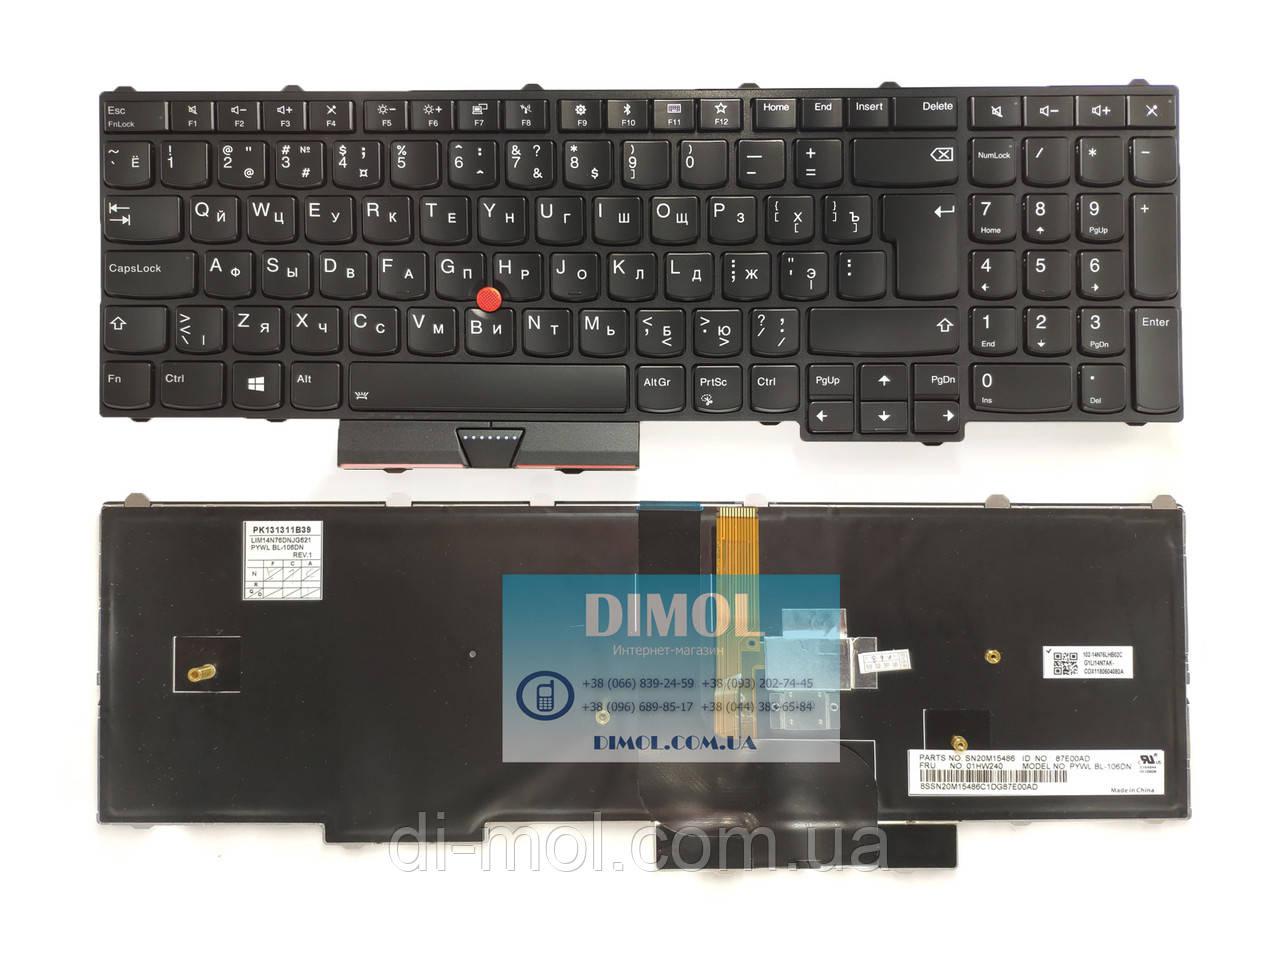 Оригінальна клавіатура для ноутбука Lenovo ThinkPad P50, ThinkPad P70 series, rus, black, підсвітка